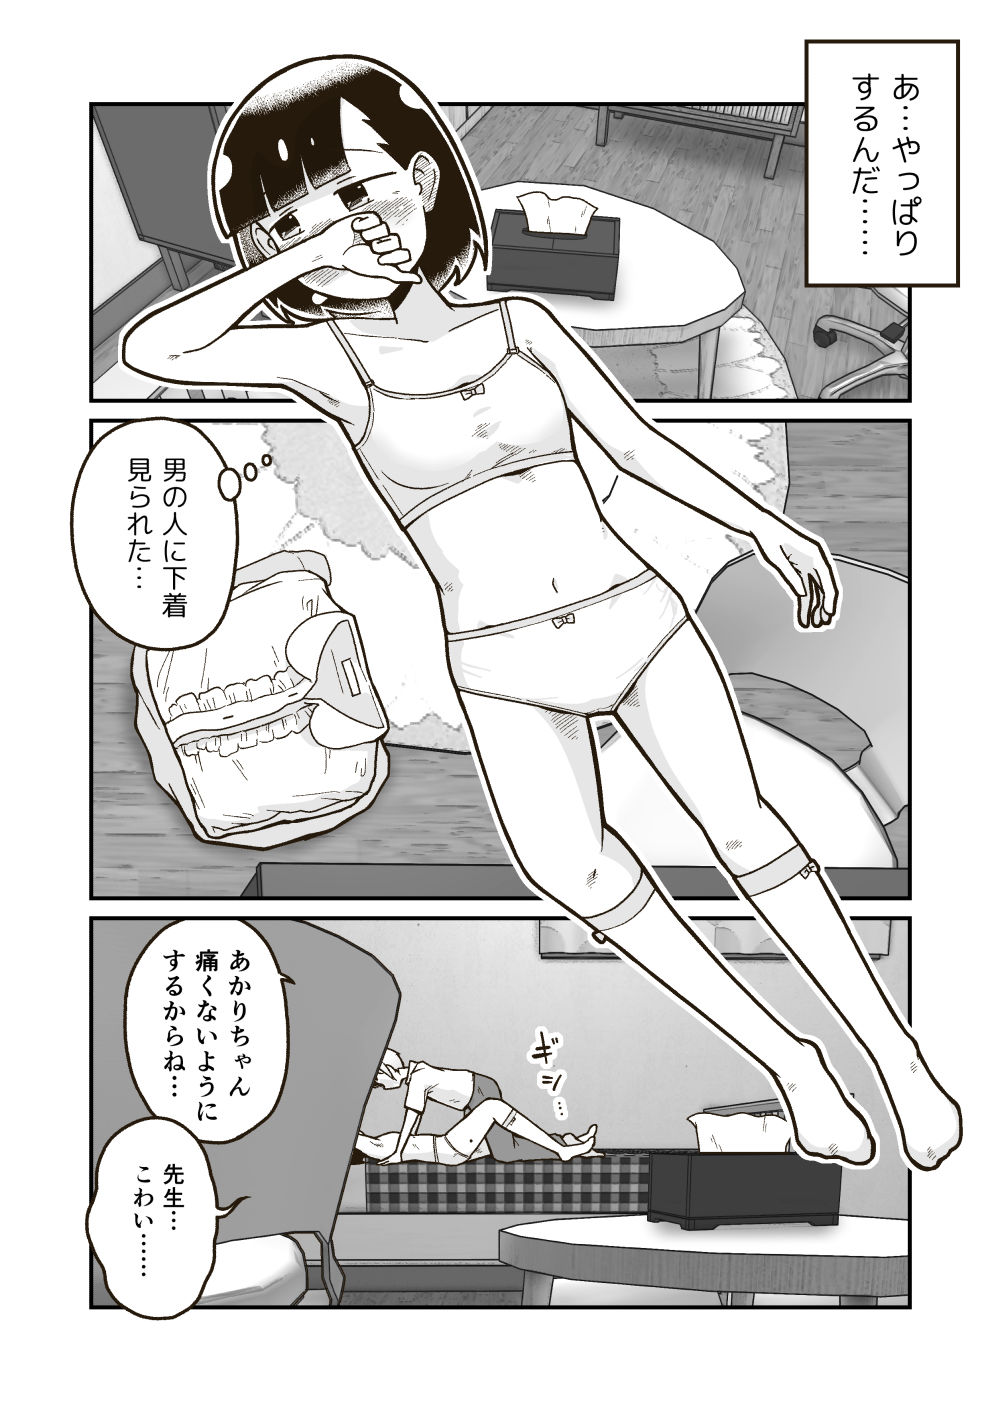 サンプル画像1:ひみつのこ〇も部屋(ギャラリークラフト) [d_200084]